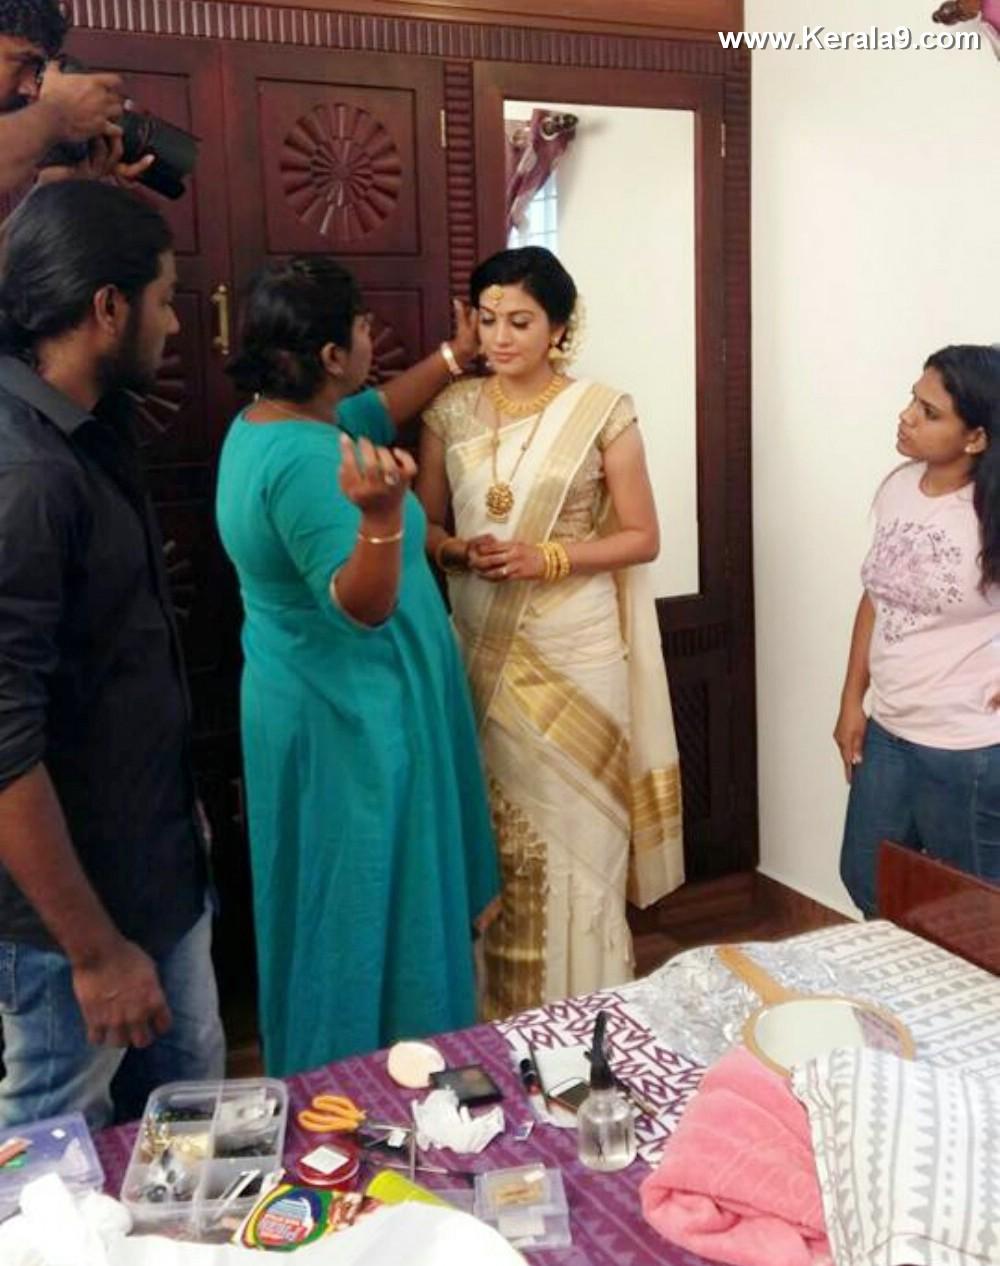 Murali krishnan wedding